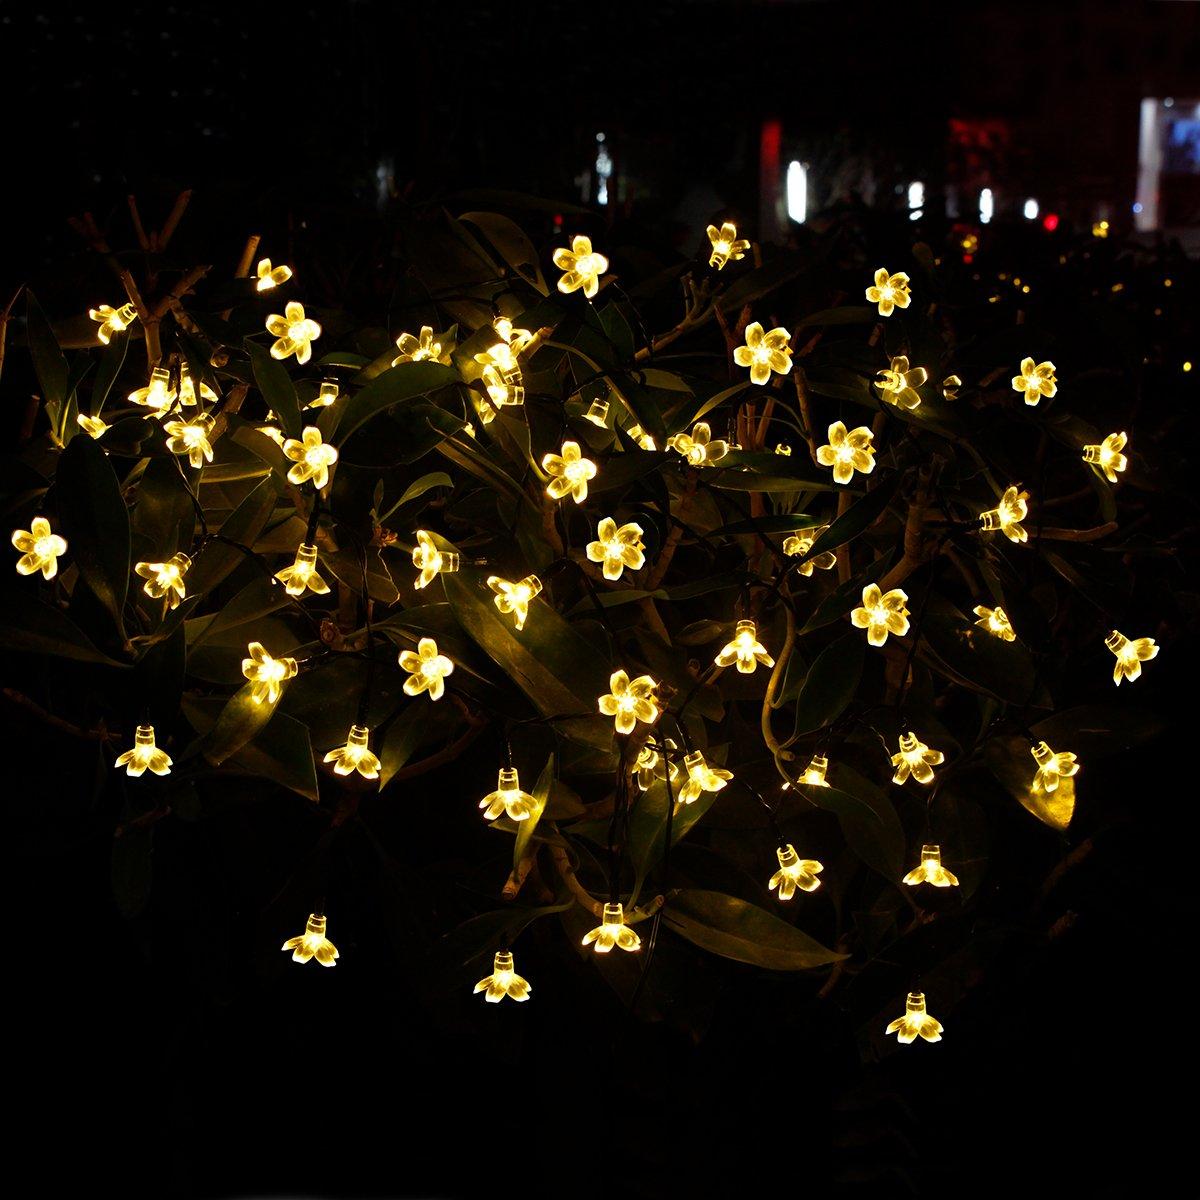 Addobbi Natalizi Luci.Yasolote 7m 50 Led Luci Natalizie Da Esterno Formato Di Fiore Addobbi Natalizi Luci Per Giardino Patio Luci Decorazioni Natale Catene Luminose Solare